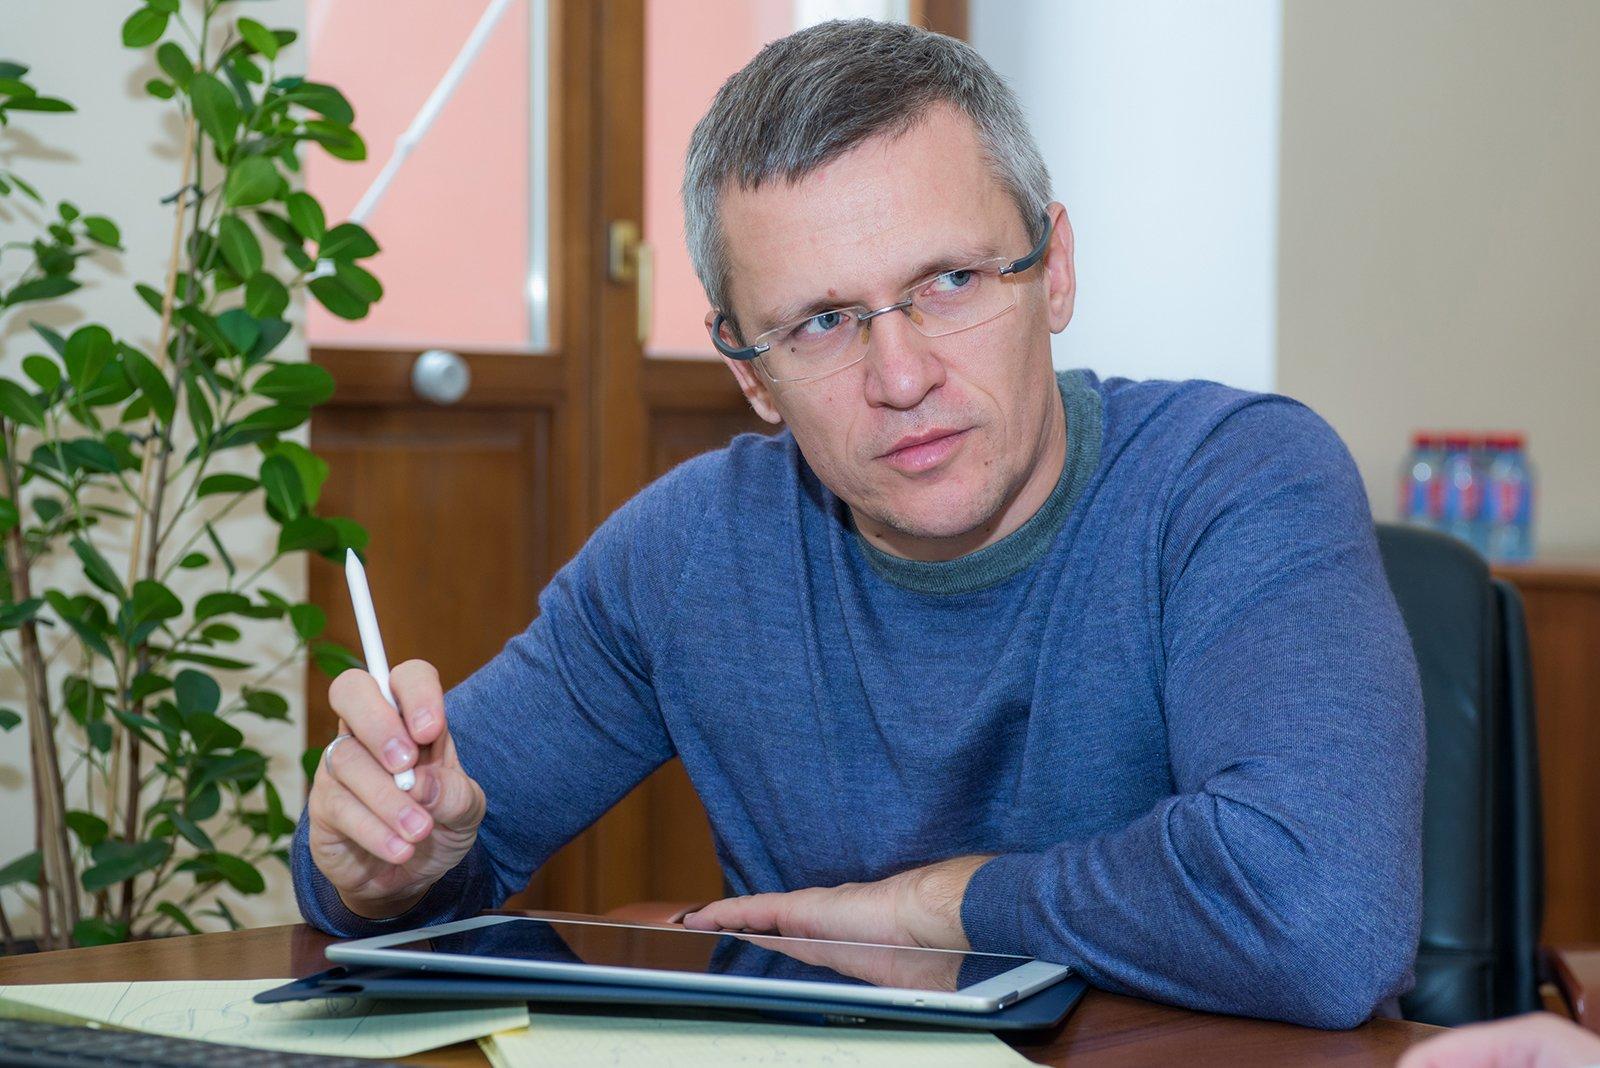 Артем Ермолаев, глава Департамента информационных технологий города Москвы